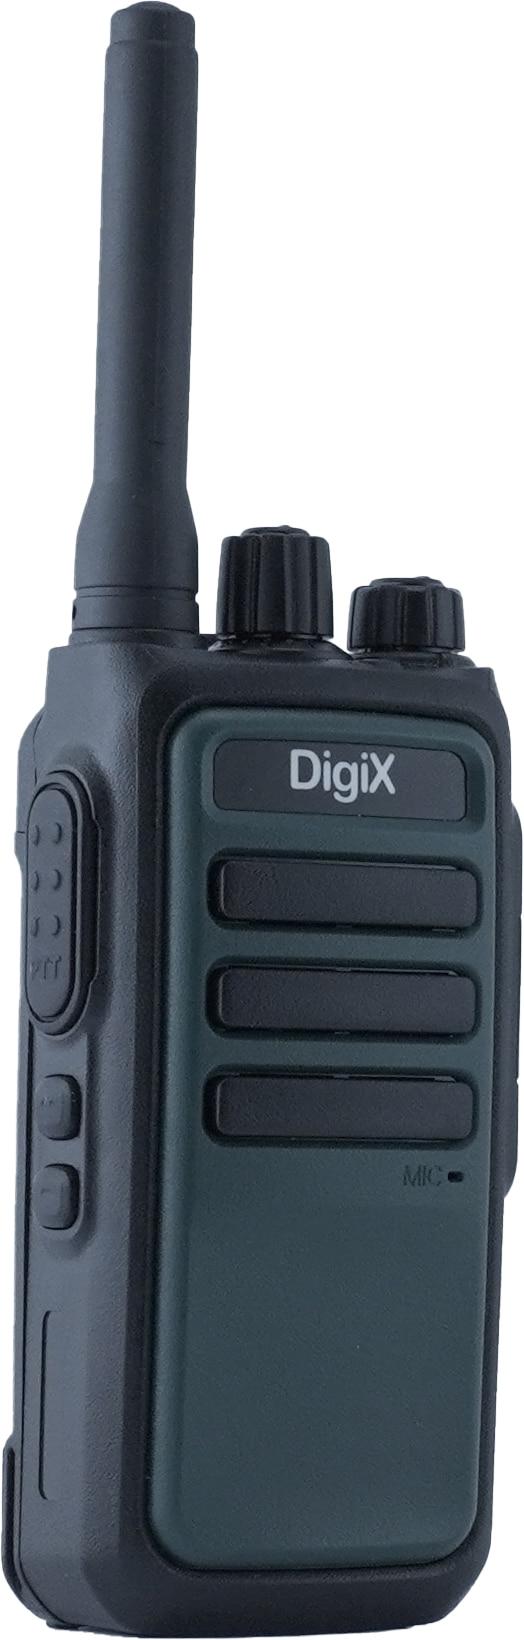 DigiX Sun Green Front